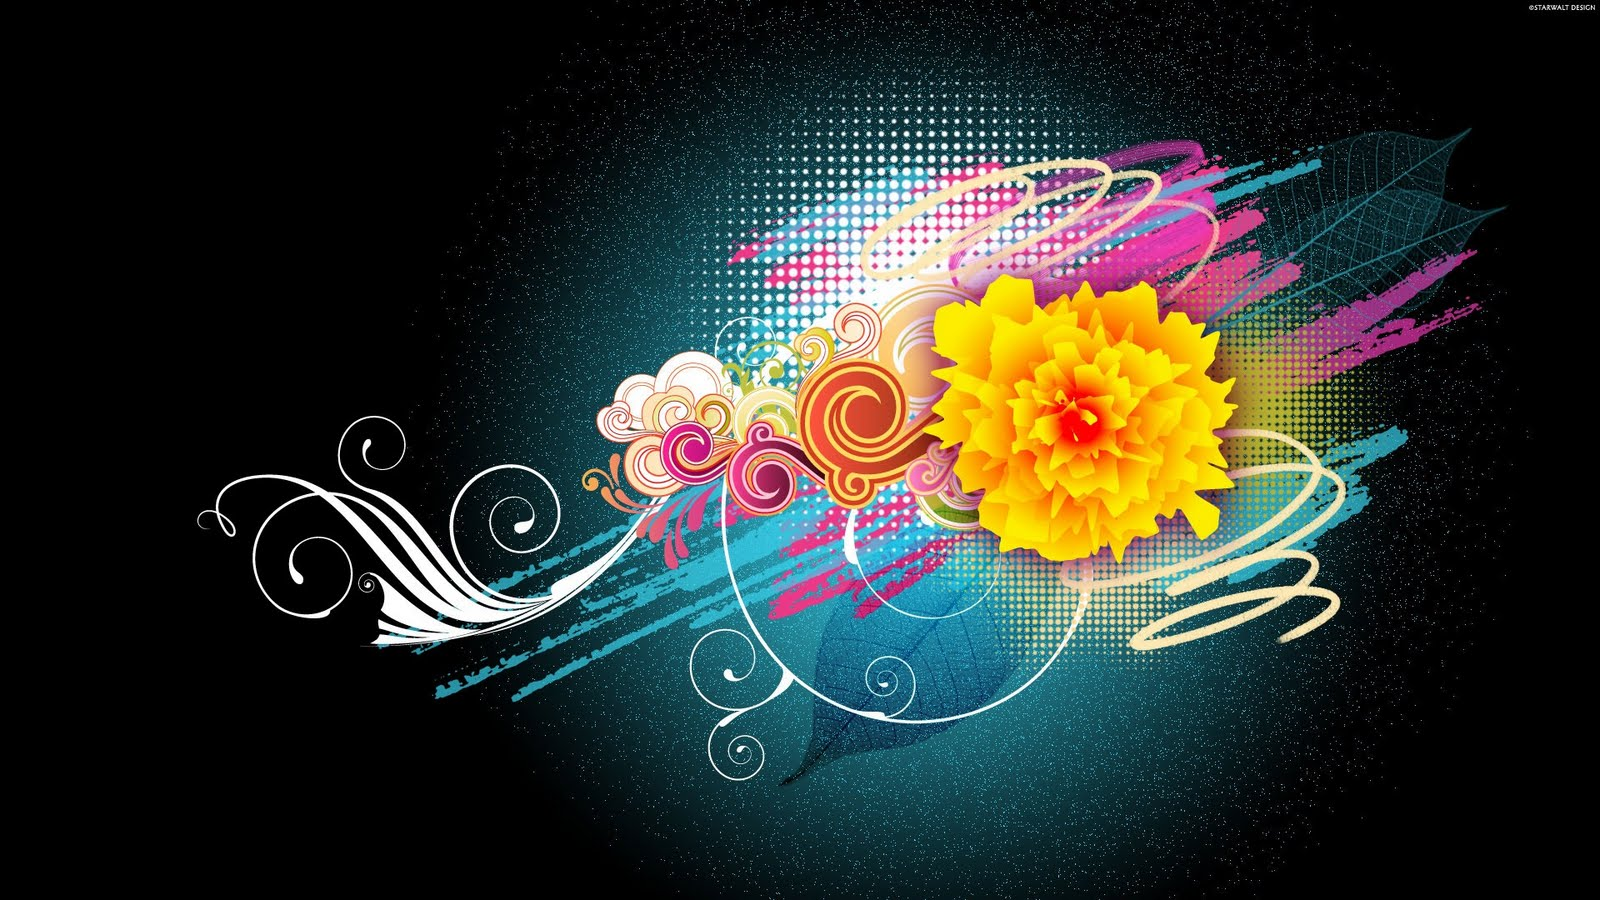 http://2.bp.blogspot.com/-c0XL0vSFf8U/TbmAwODL7LI/AAAAAAAAB3c/EEQR21FWrCM/s1600/Flower+Vector+Designs+1080p+Wallpaper+%2540+Sotto2010.BlogSpot.Com.jpg